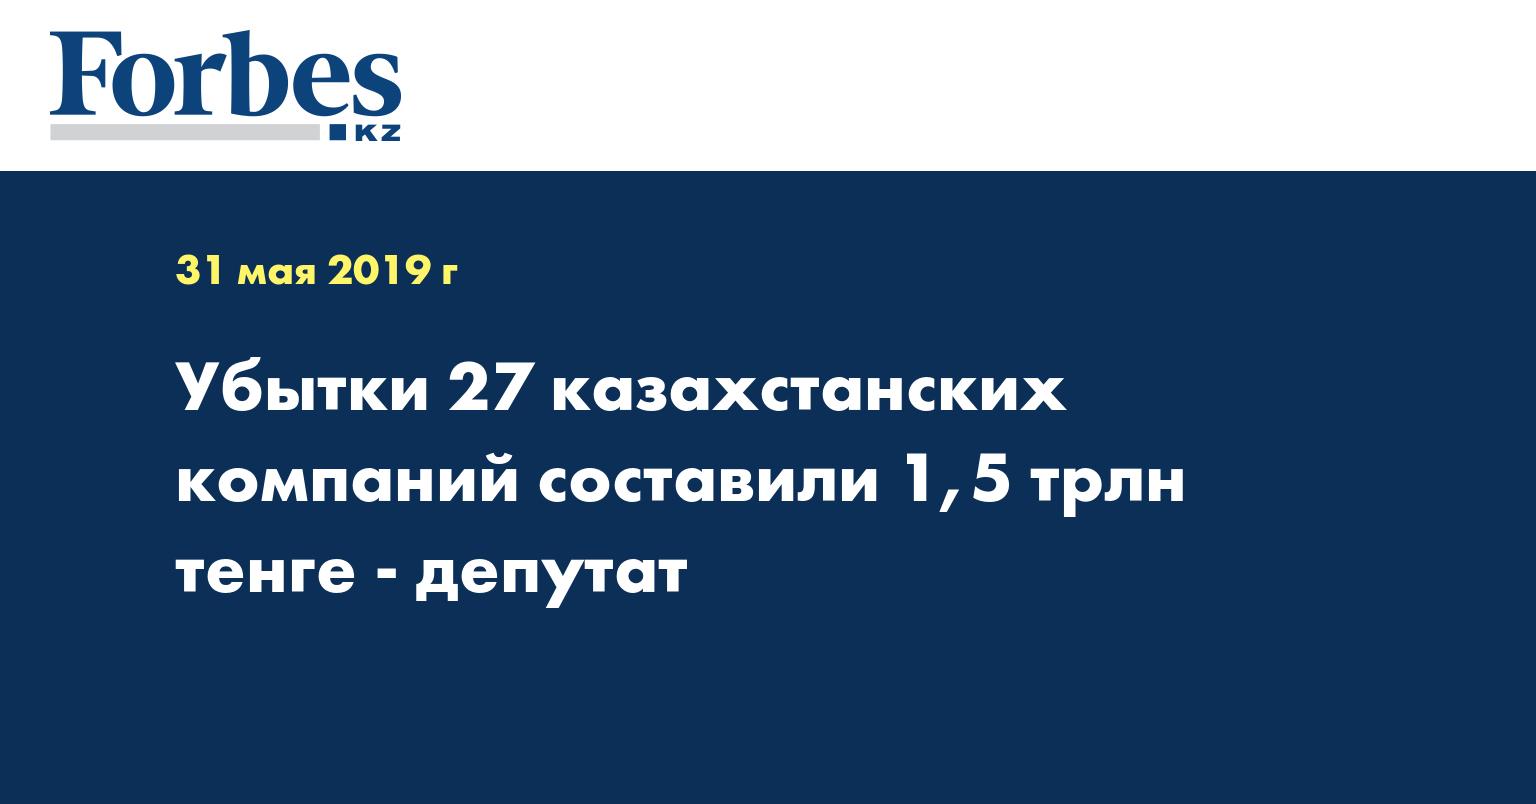 Убытки 27 казахстанских компаний составили 1,5 трлн тенге - депутат